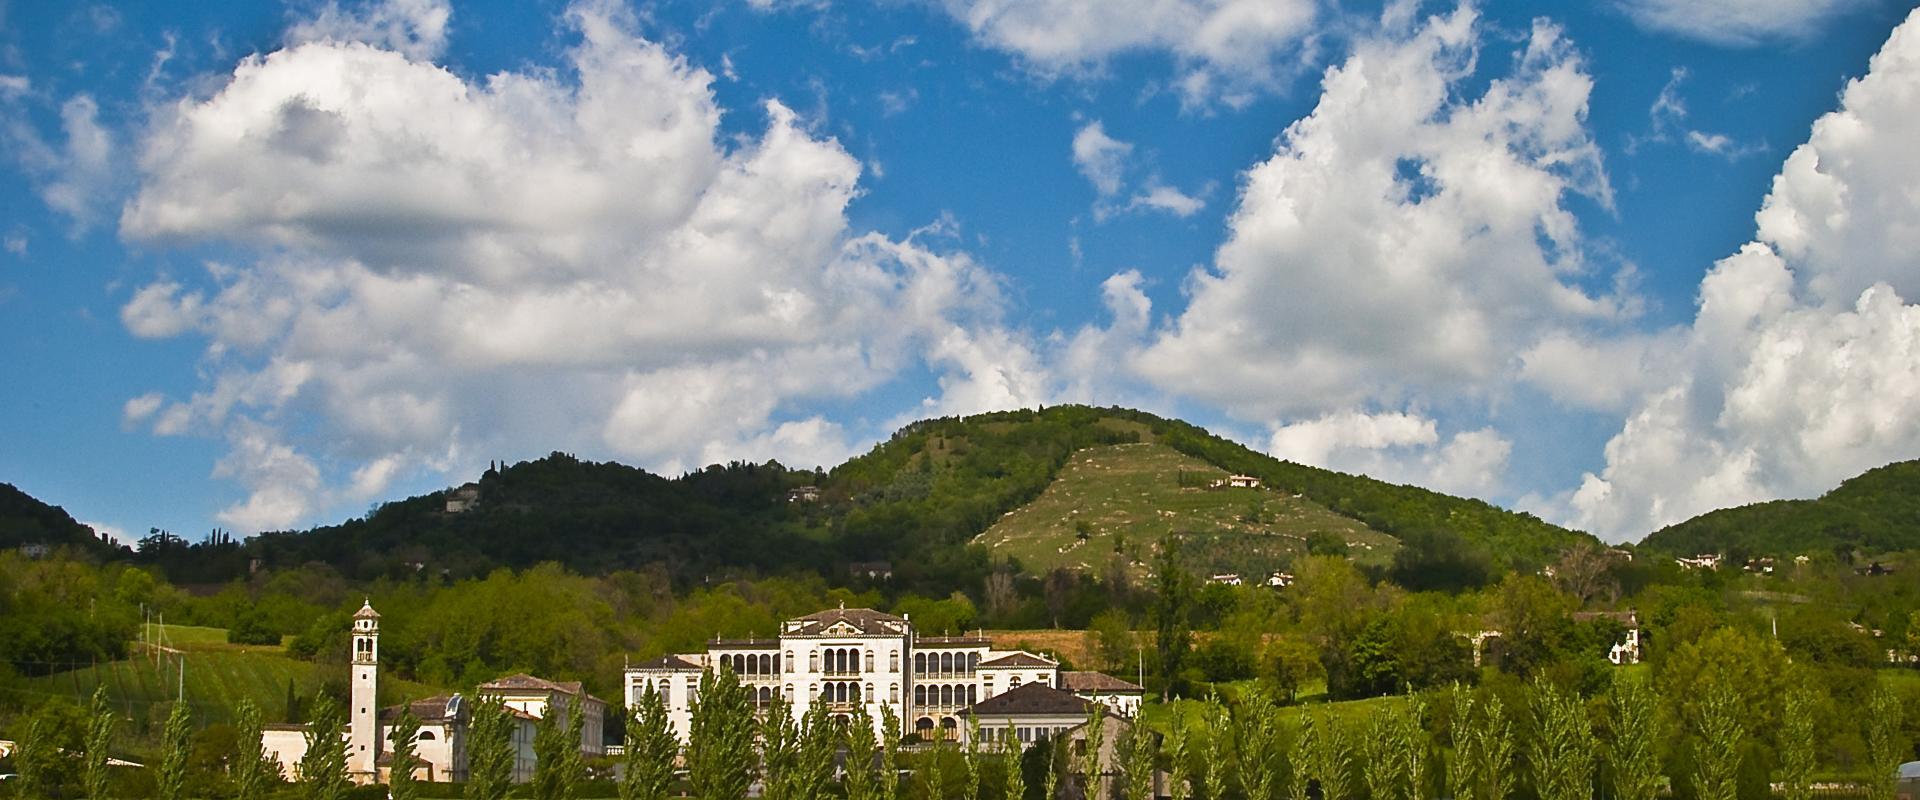 Tour Veneto prosecco hills